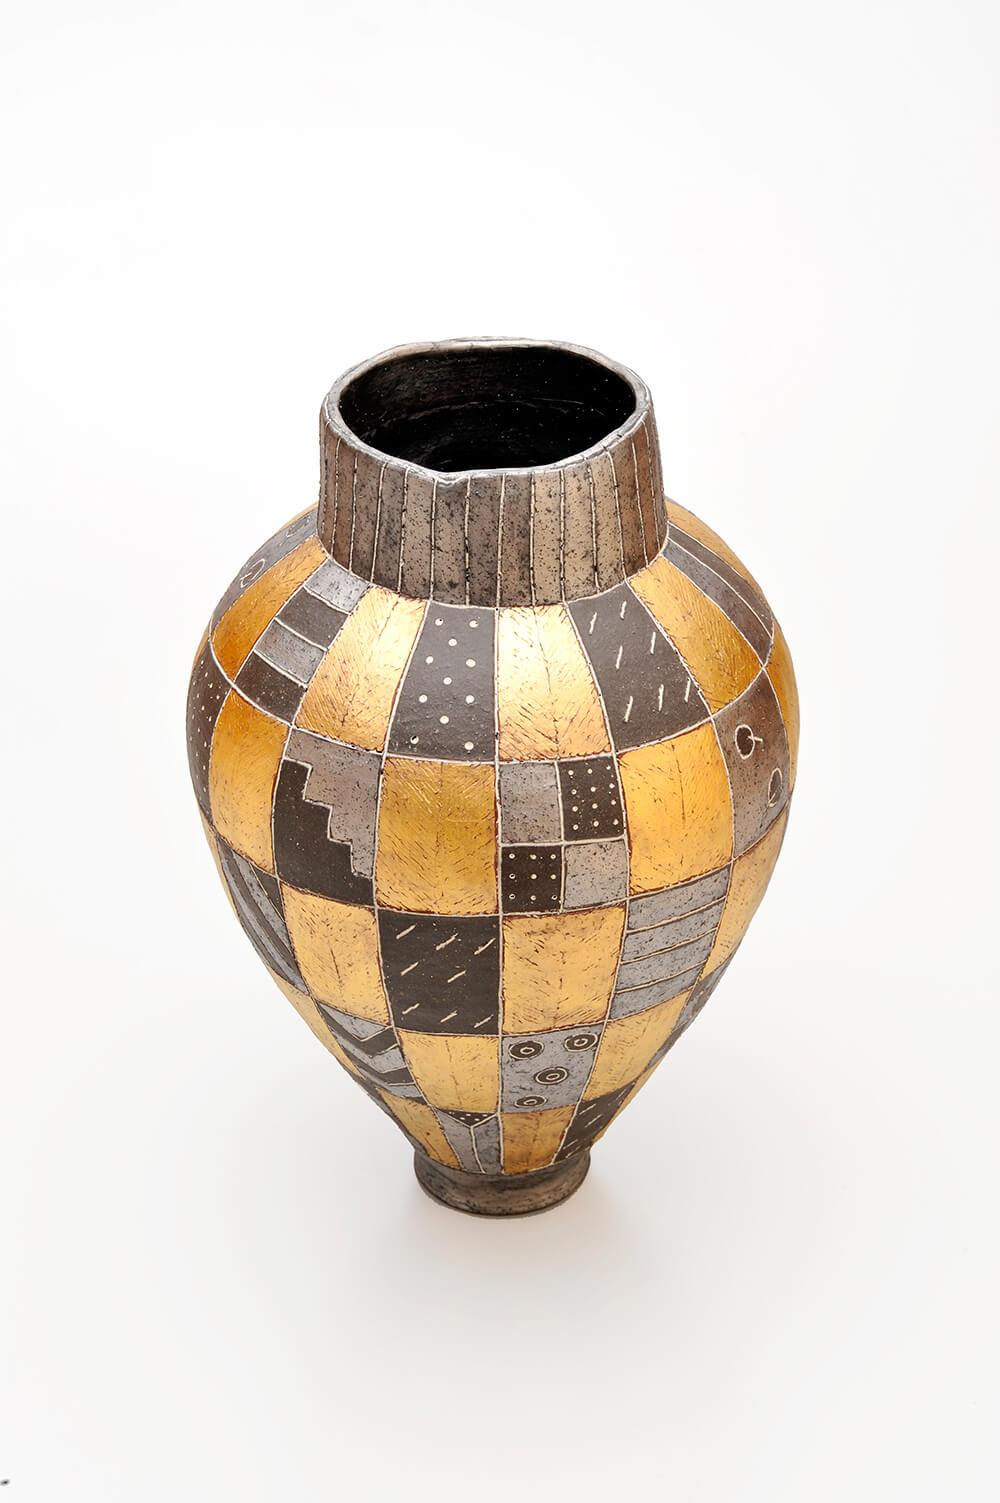 2009年9月4日から開催の「寄神 千恵子 陶展」の作品画像3